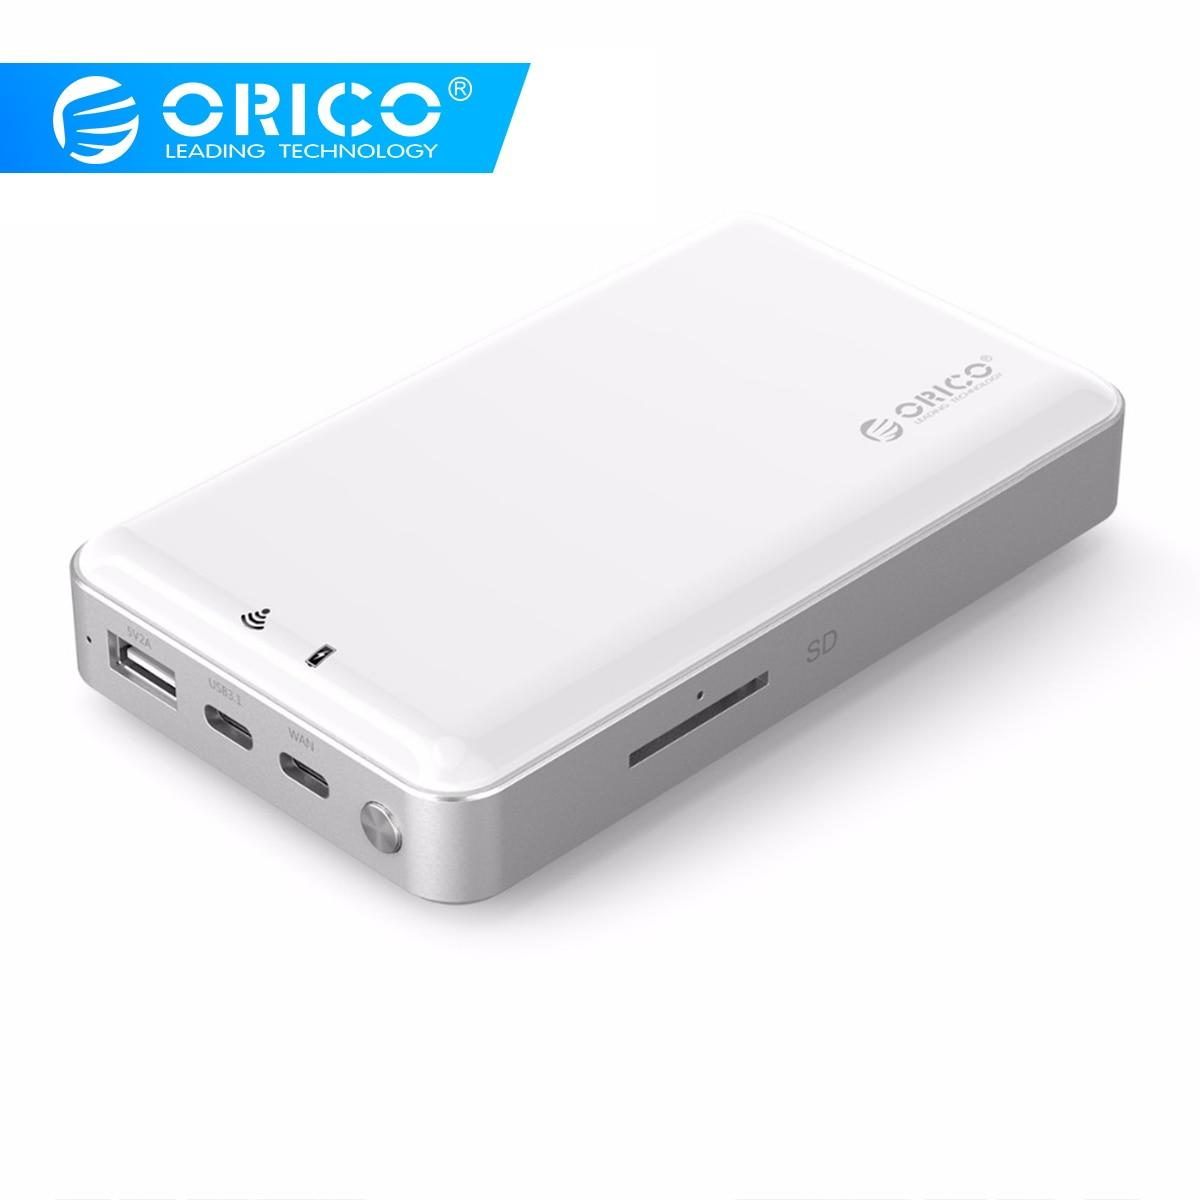 Externer Speicher Ssk Sw001 Smart Wireless Adapter Persönliche Cloud Lagerung Wifi Externe Stick Auto Backup ändern Normalen Lagerung Zu Persönlichen Cloud